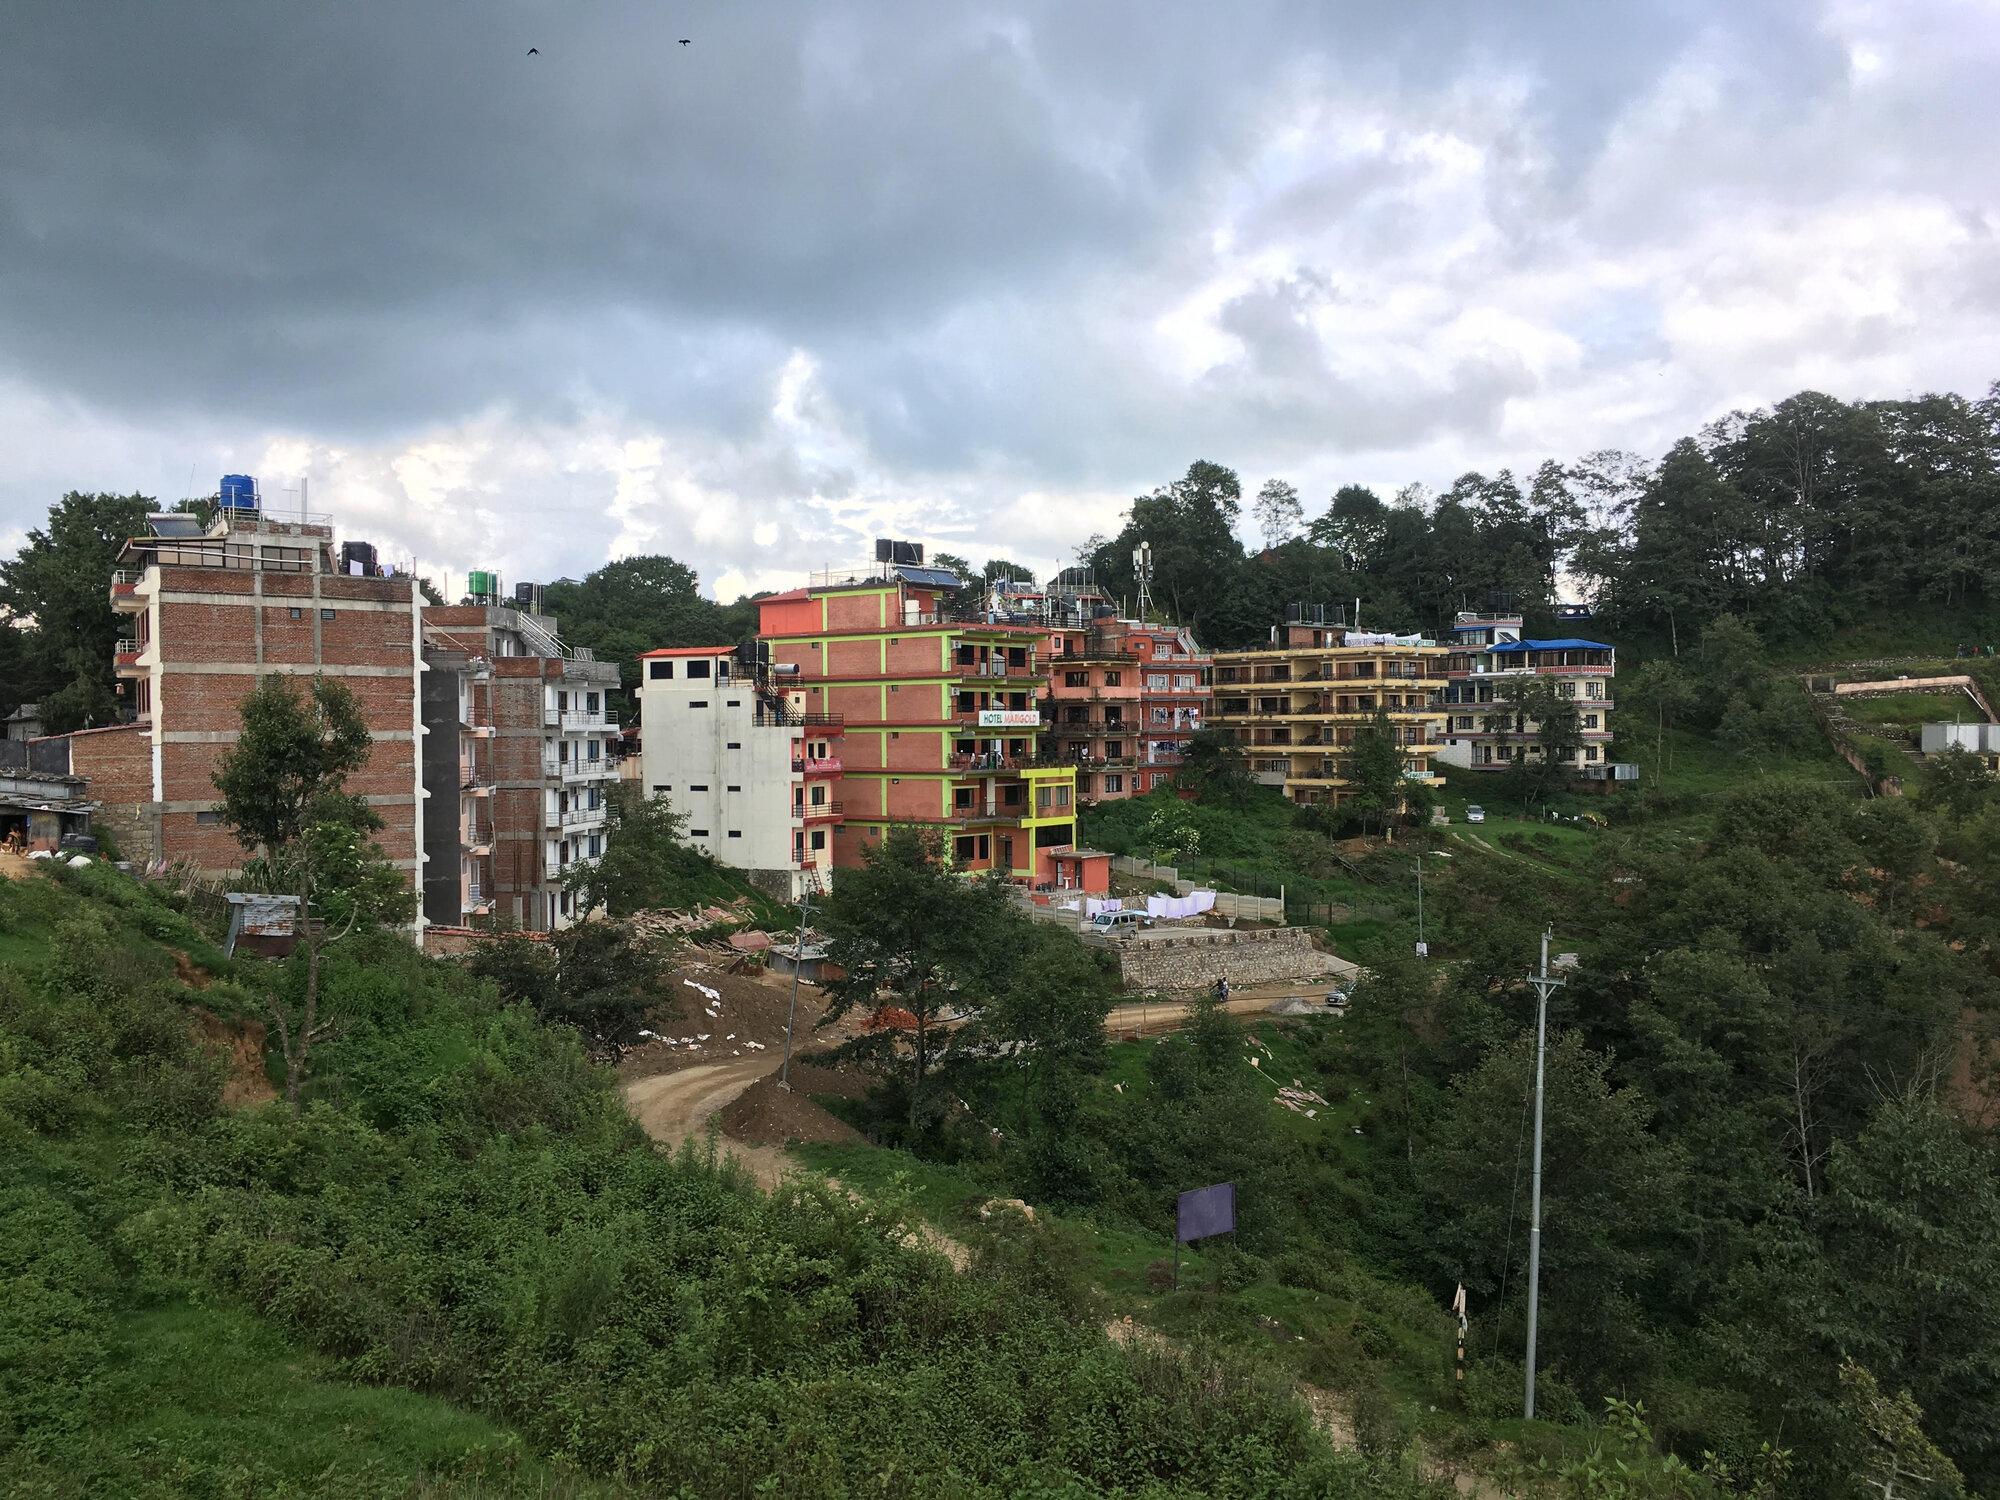 vesnice Nagarkot je opravdu malá